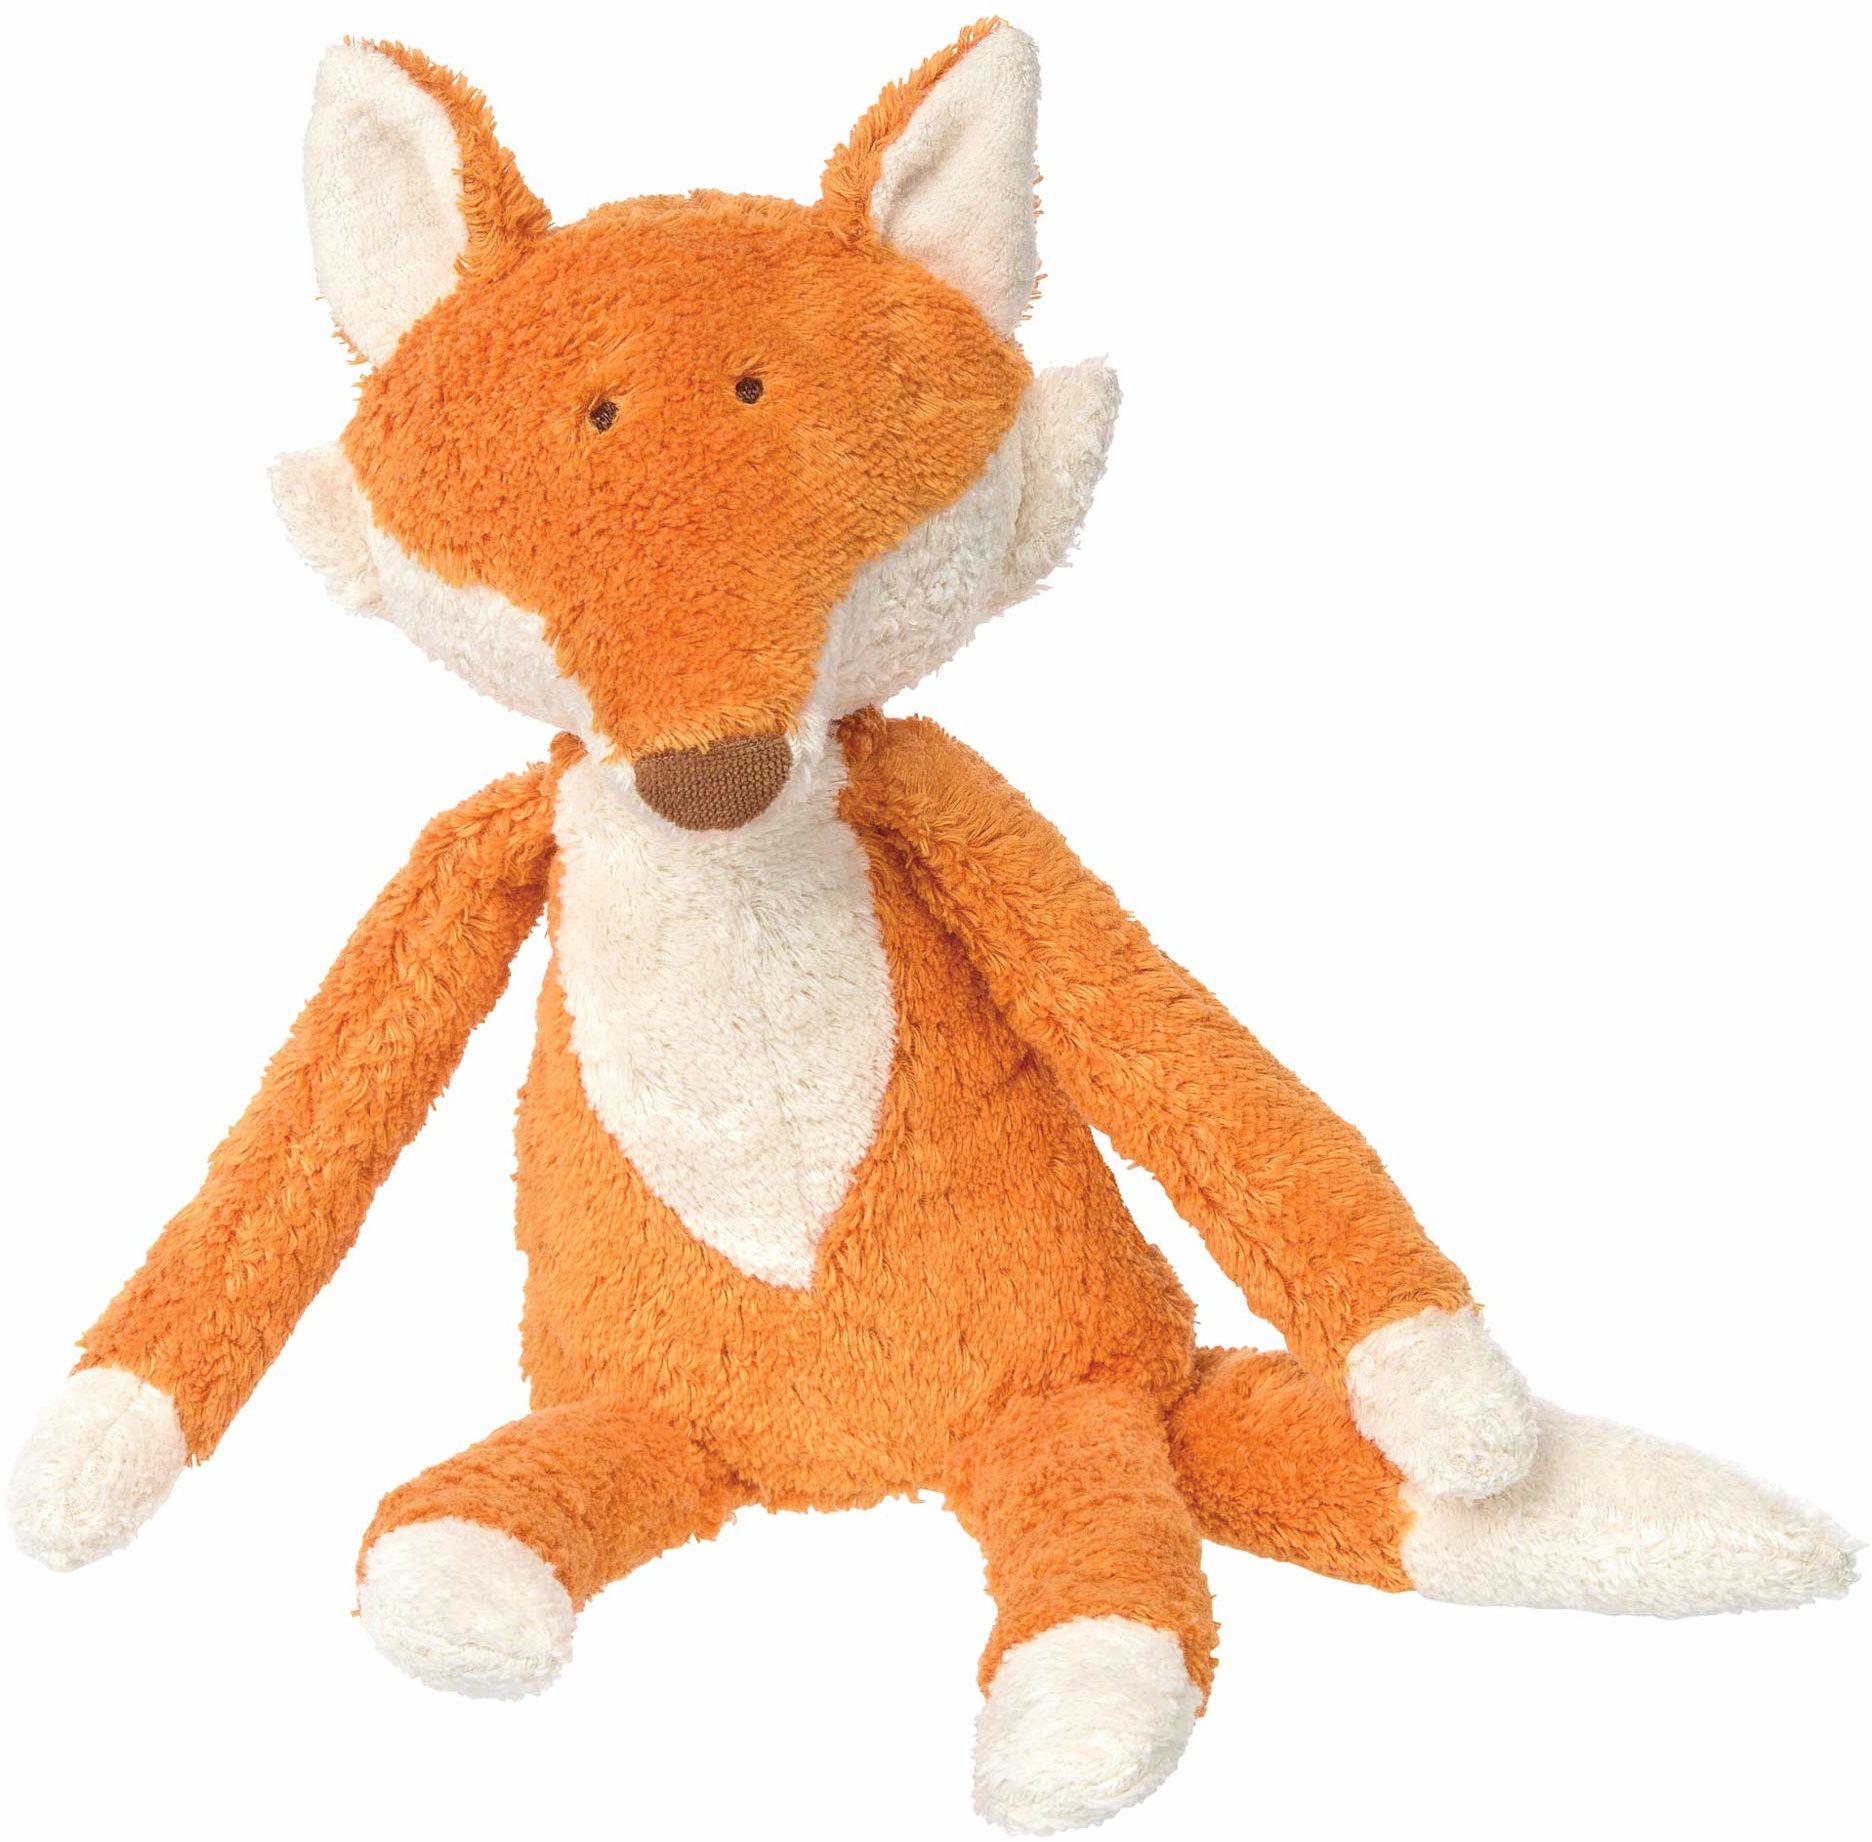 SIGIKID 38781 przytulanka lis Green dla dziewczynek i chłopców zabawka dla niemowląt zalecana od urodzenia pomarańczowa